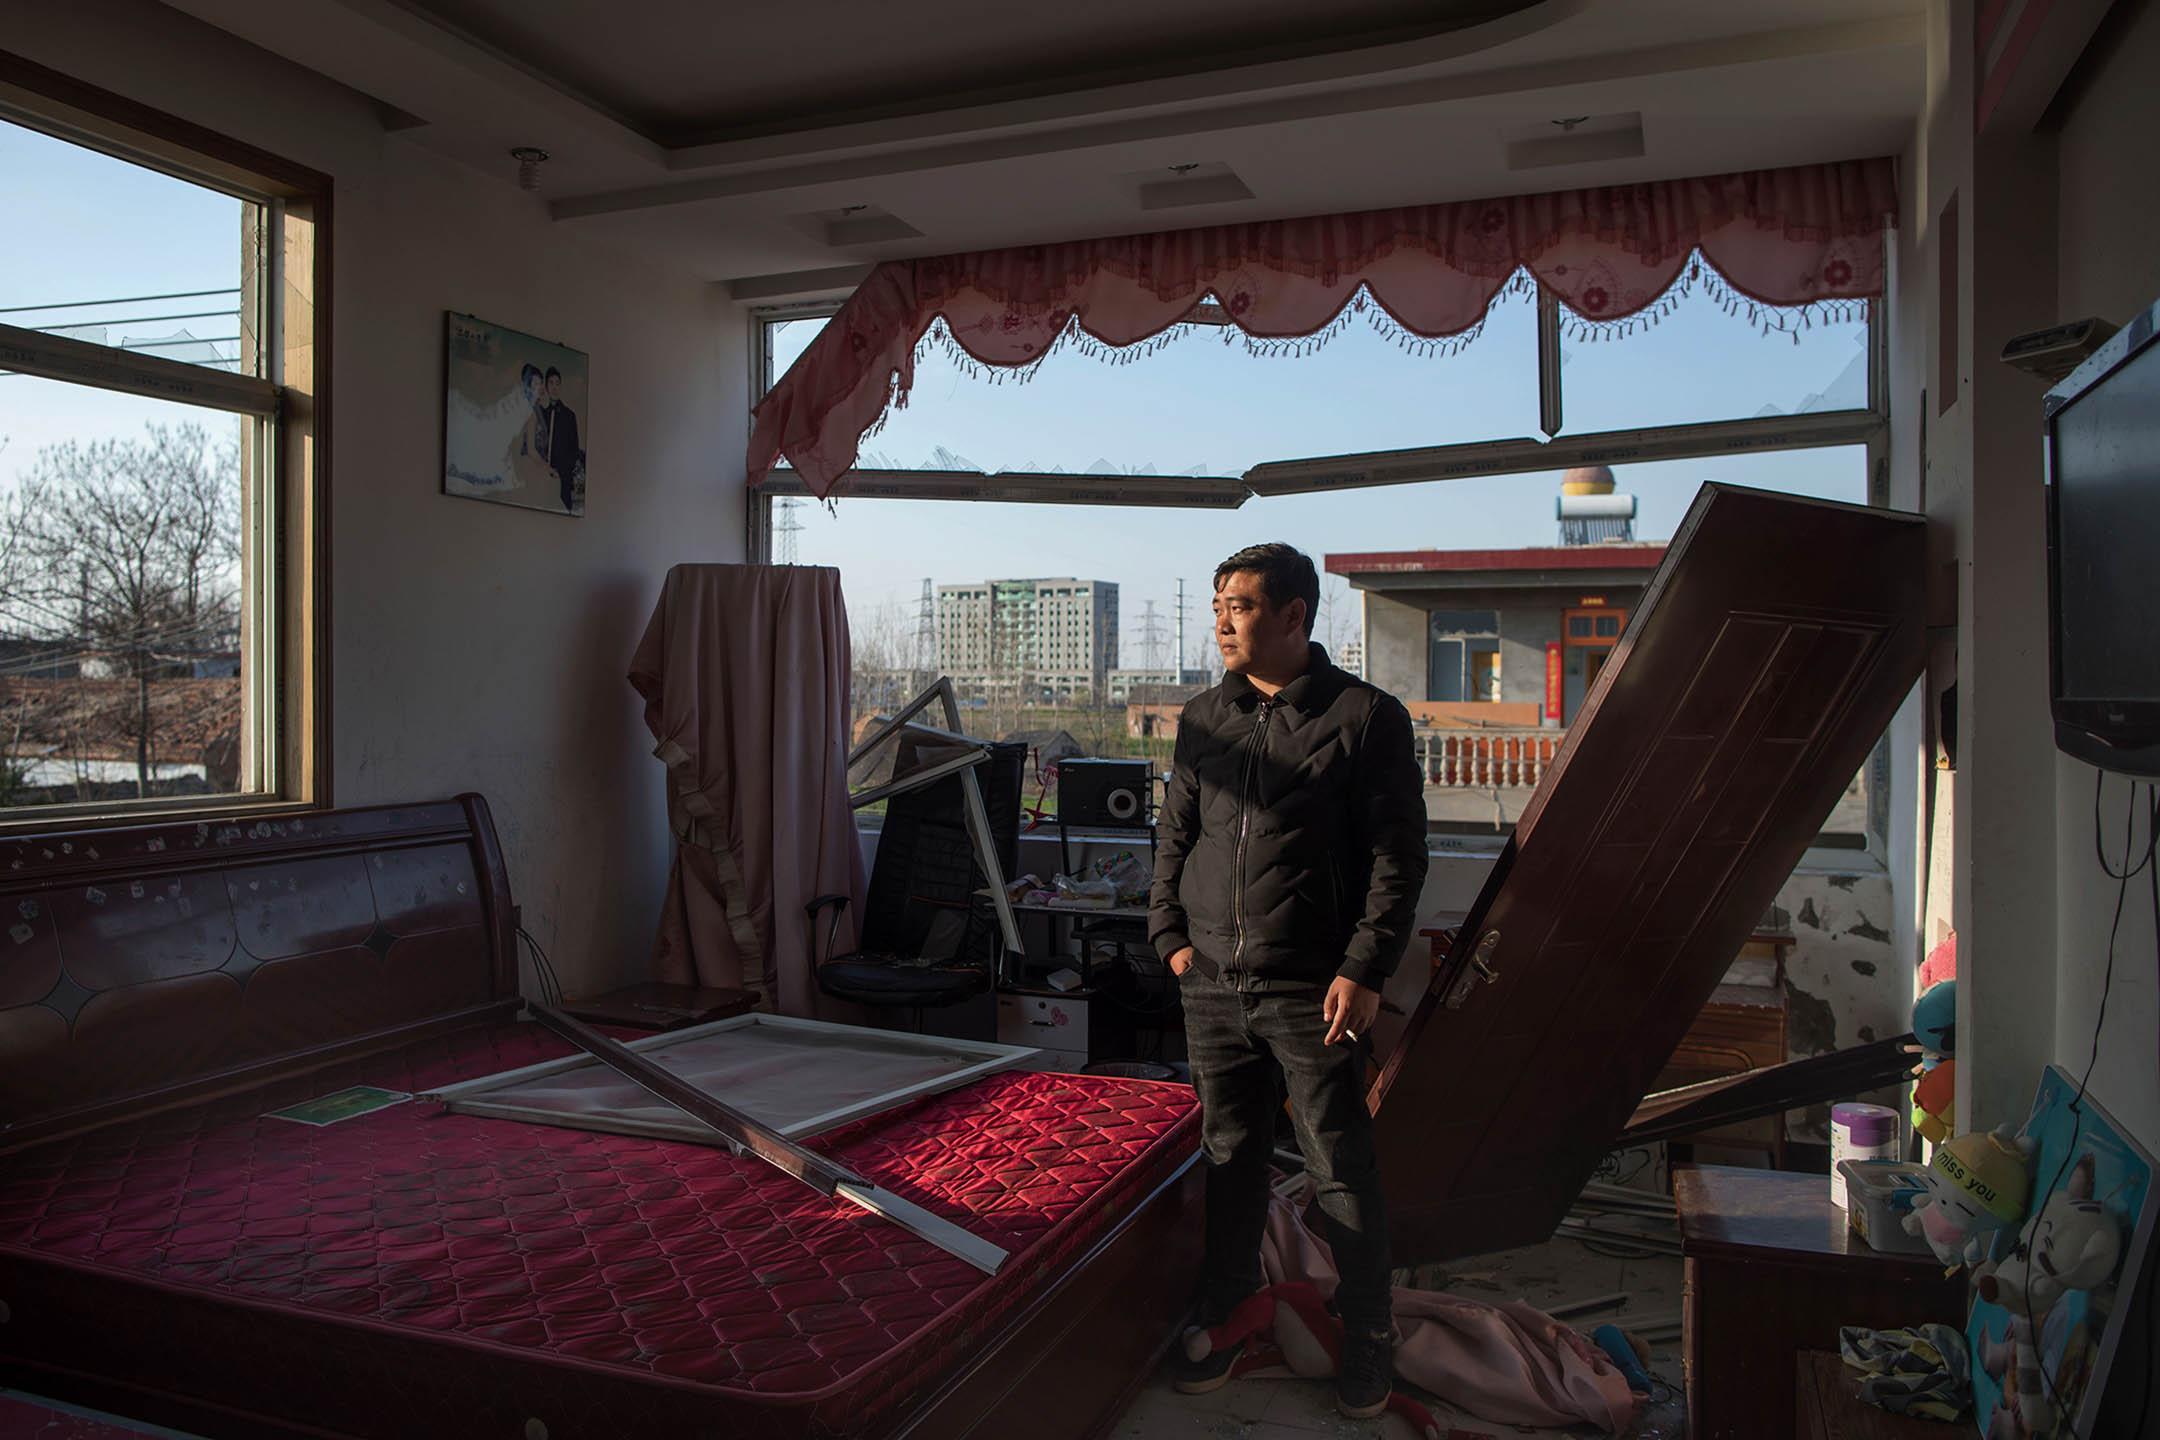 2019年3月23日,陳家港鎮王商村的村民韓松在他爆炸後的房子內。 攝:馬利/端傳媒